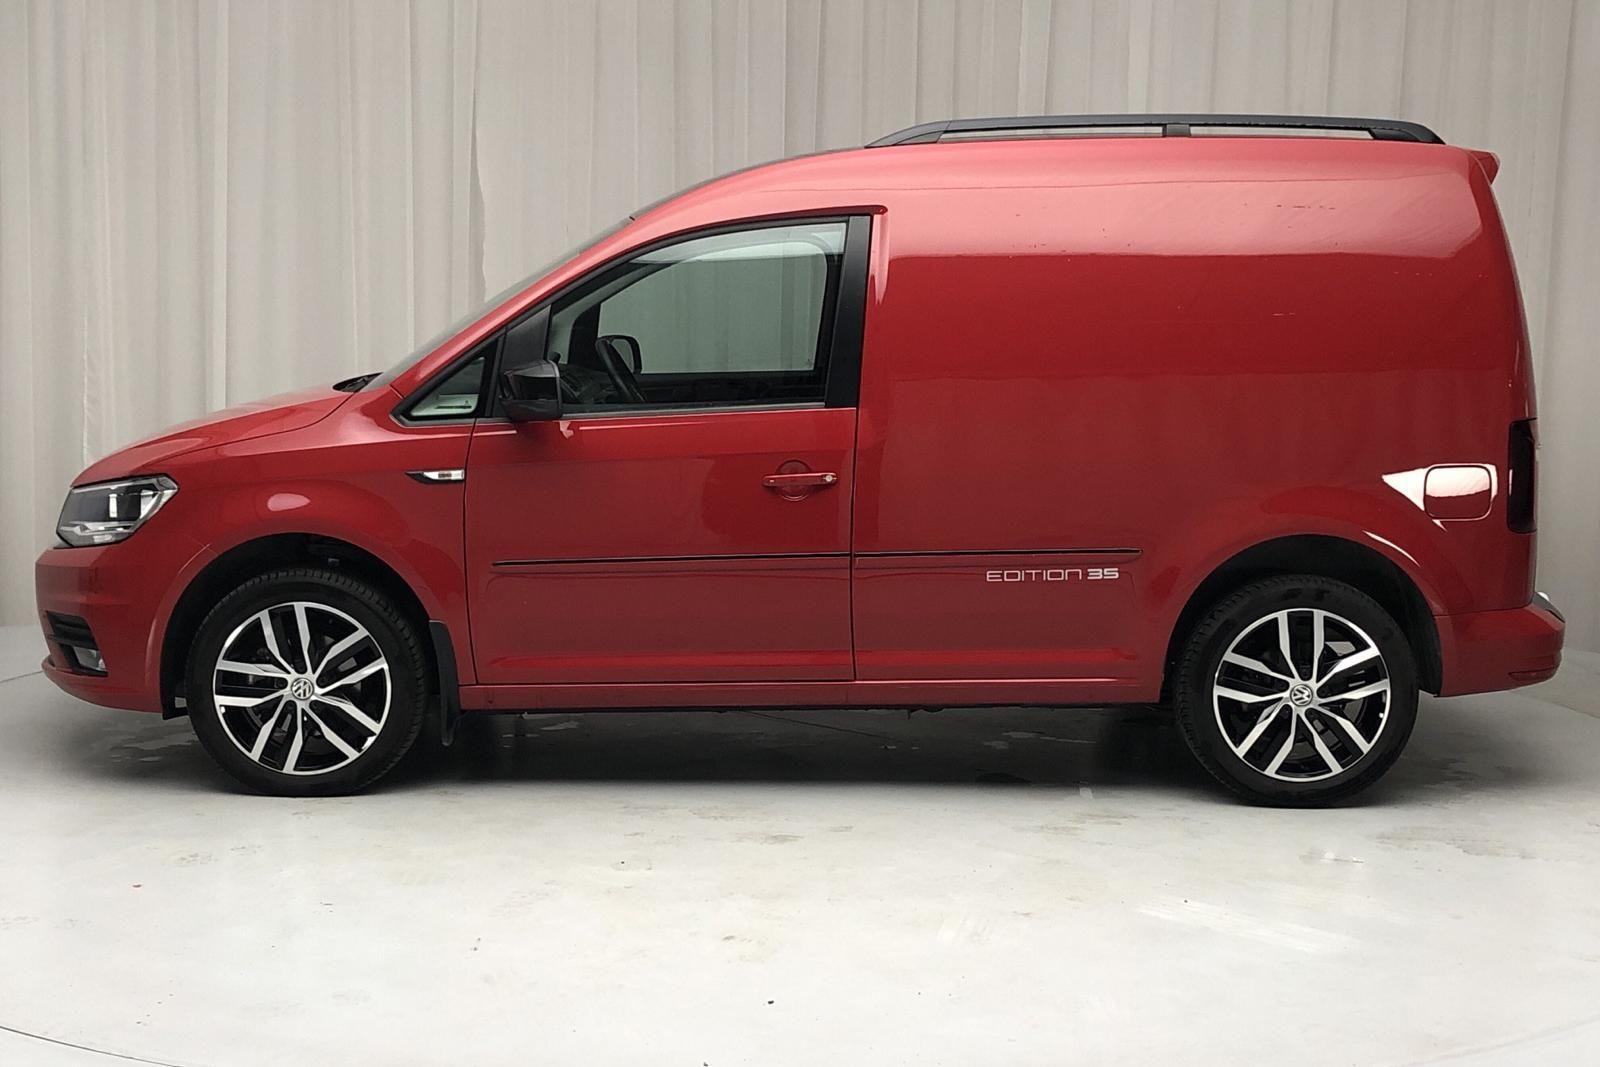 VW Caddy MPV 2.0 TDI (102 PS)